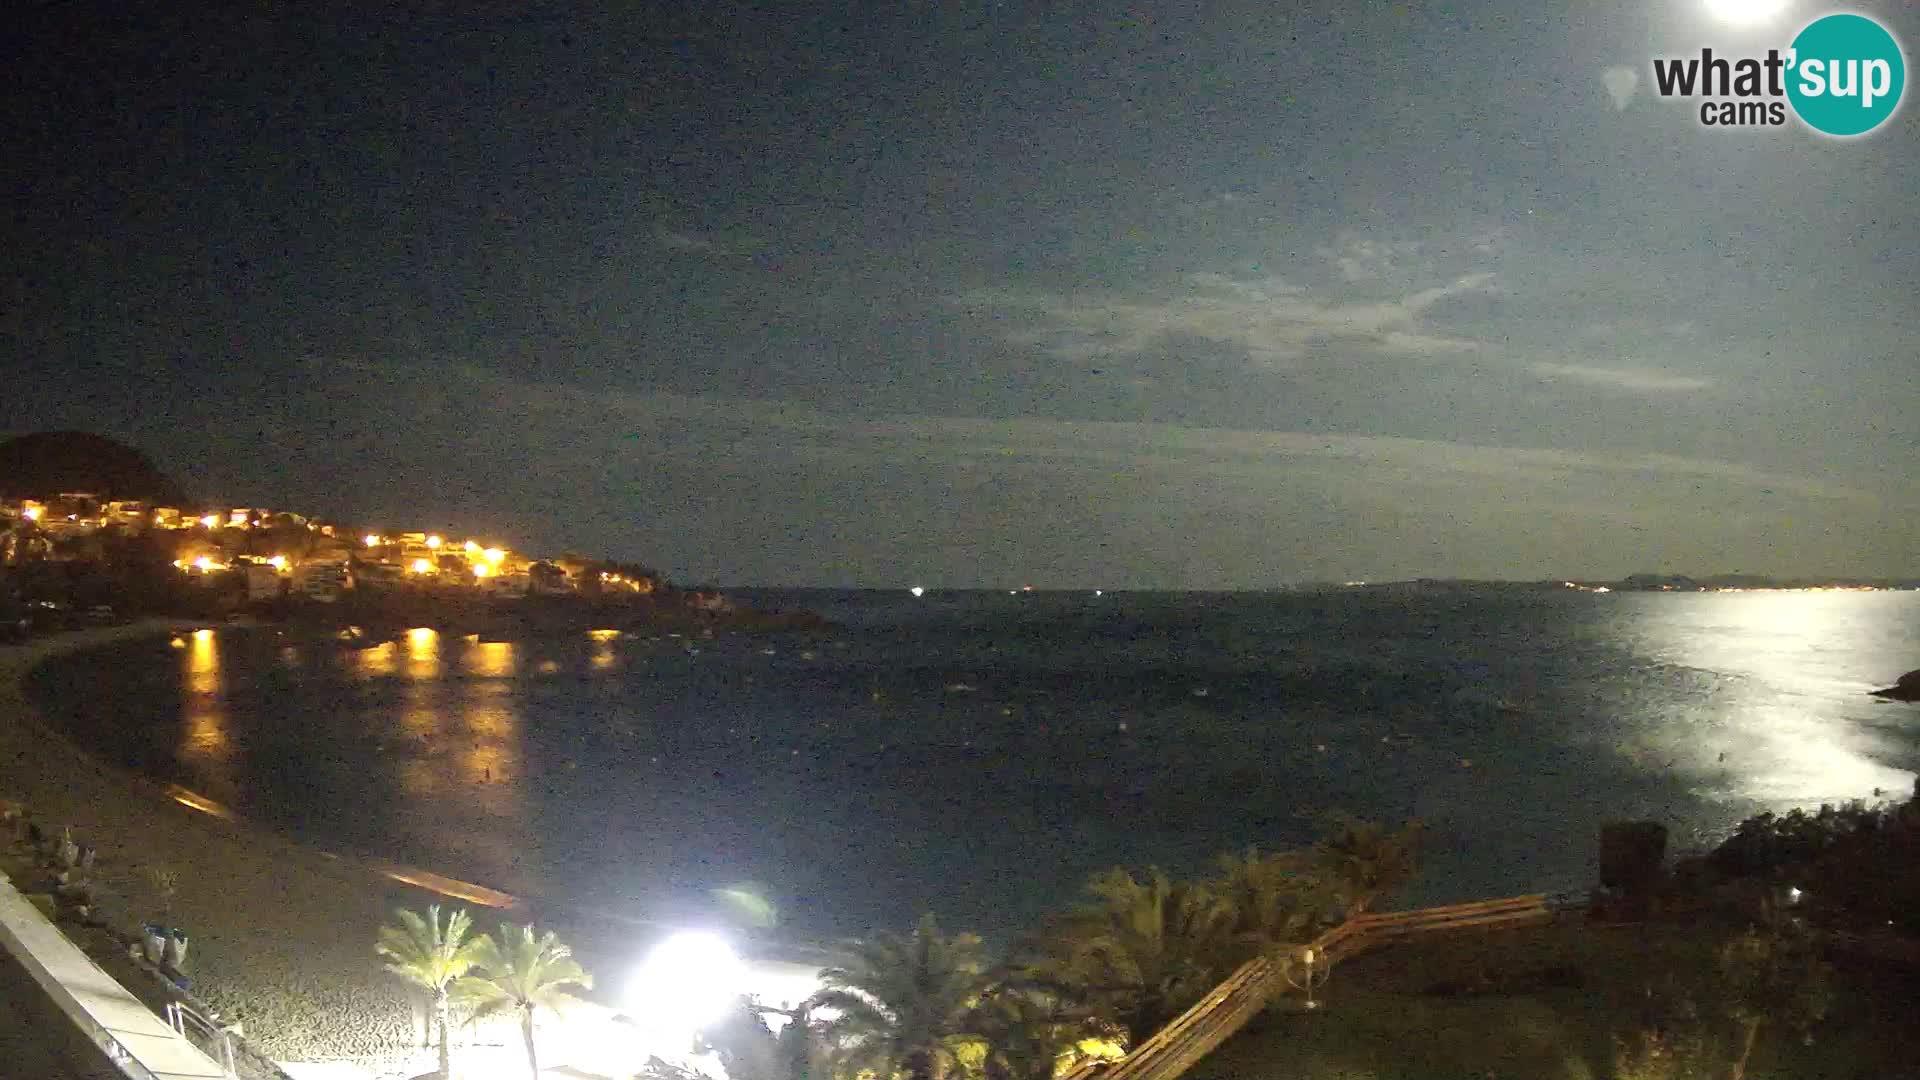 Playa de l'Almadrava camera en vivo Roses – Costa Brava – Espana